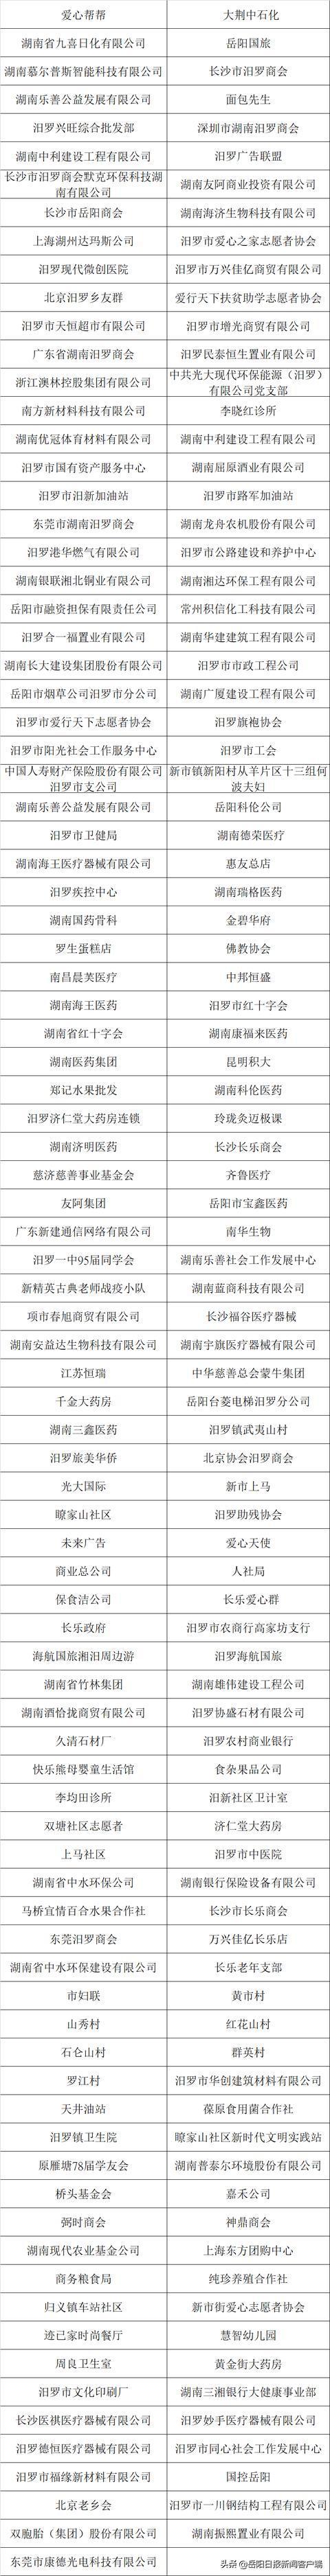 思思念念全是你 -高安VS徐伟清(MP3歌词/LRC歌词) lrc歌词下载 第1张